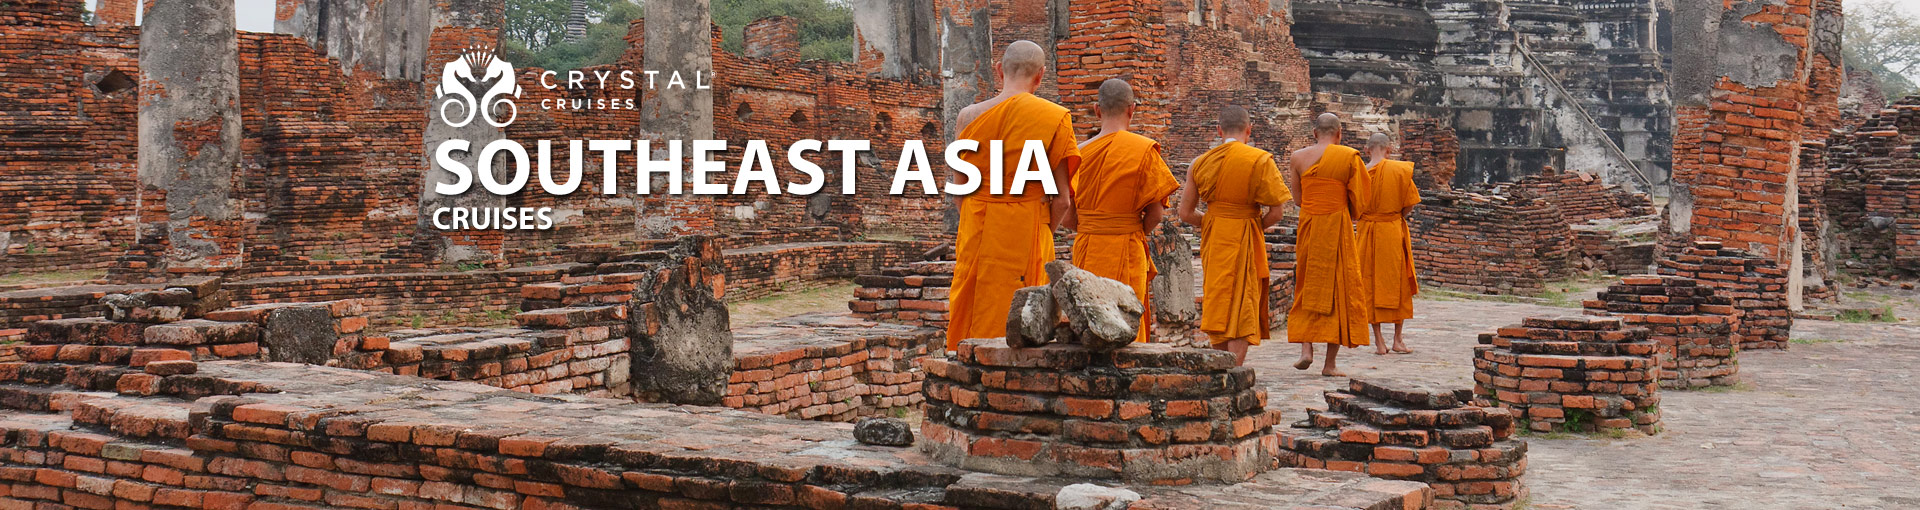 Crystal Cruises Southeast Asia Cruises